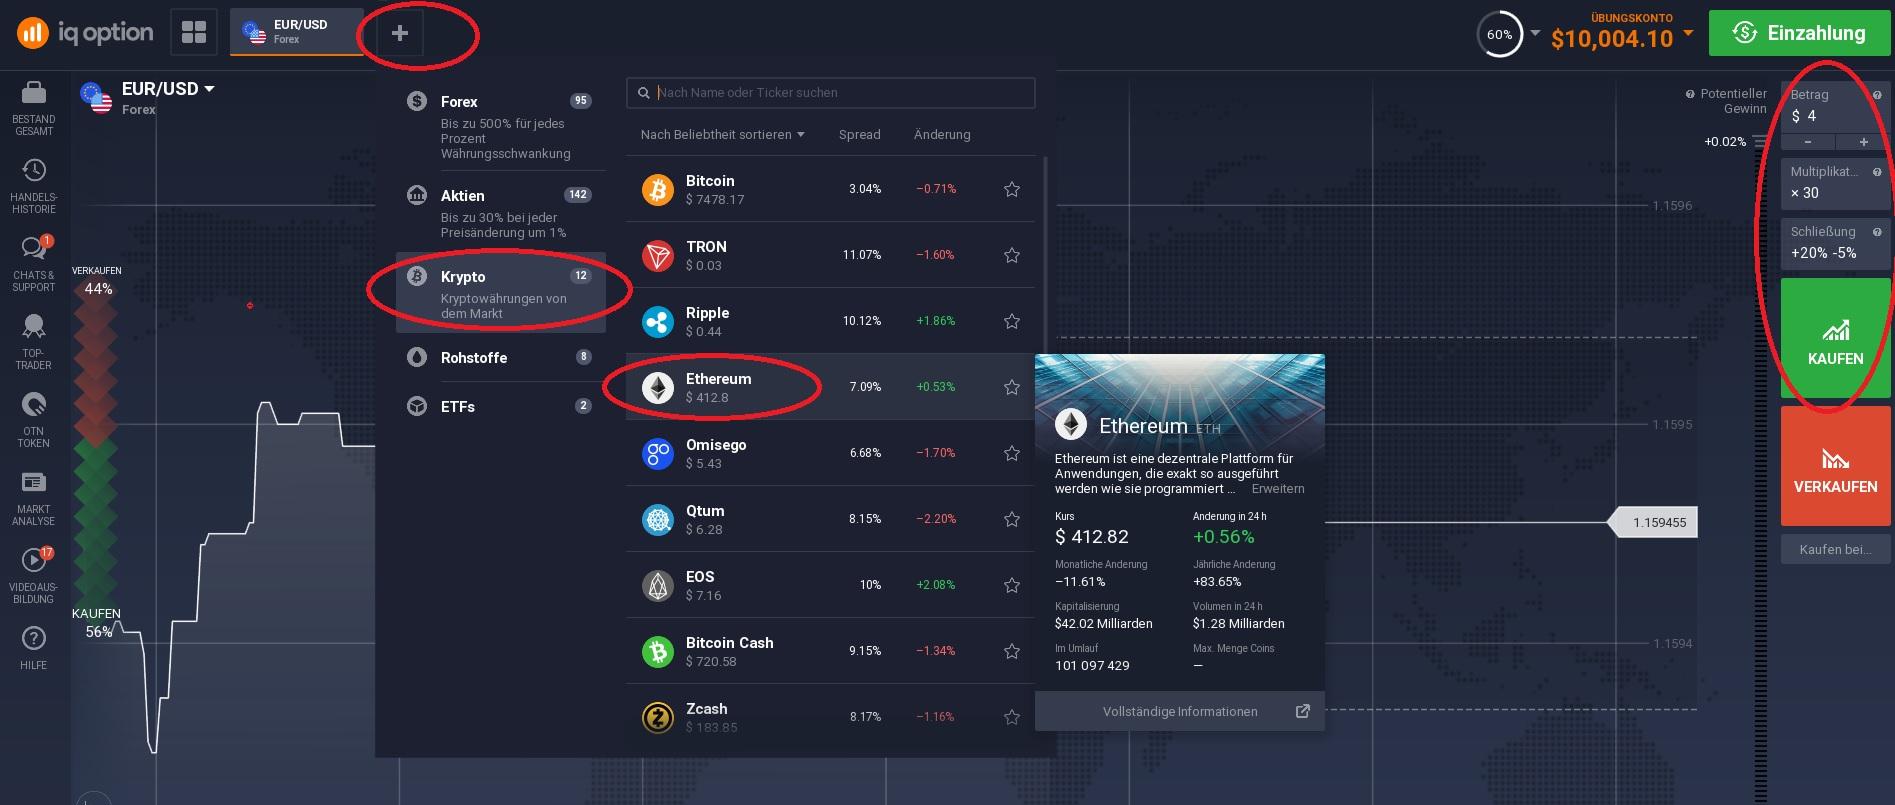 Kryptowährungen kaufen bei IQ Option mit Handelsplattform